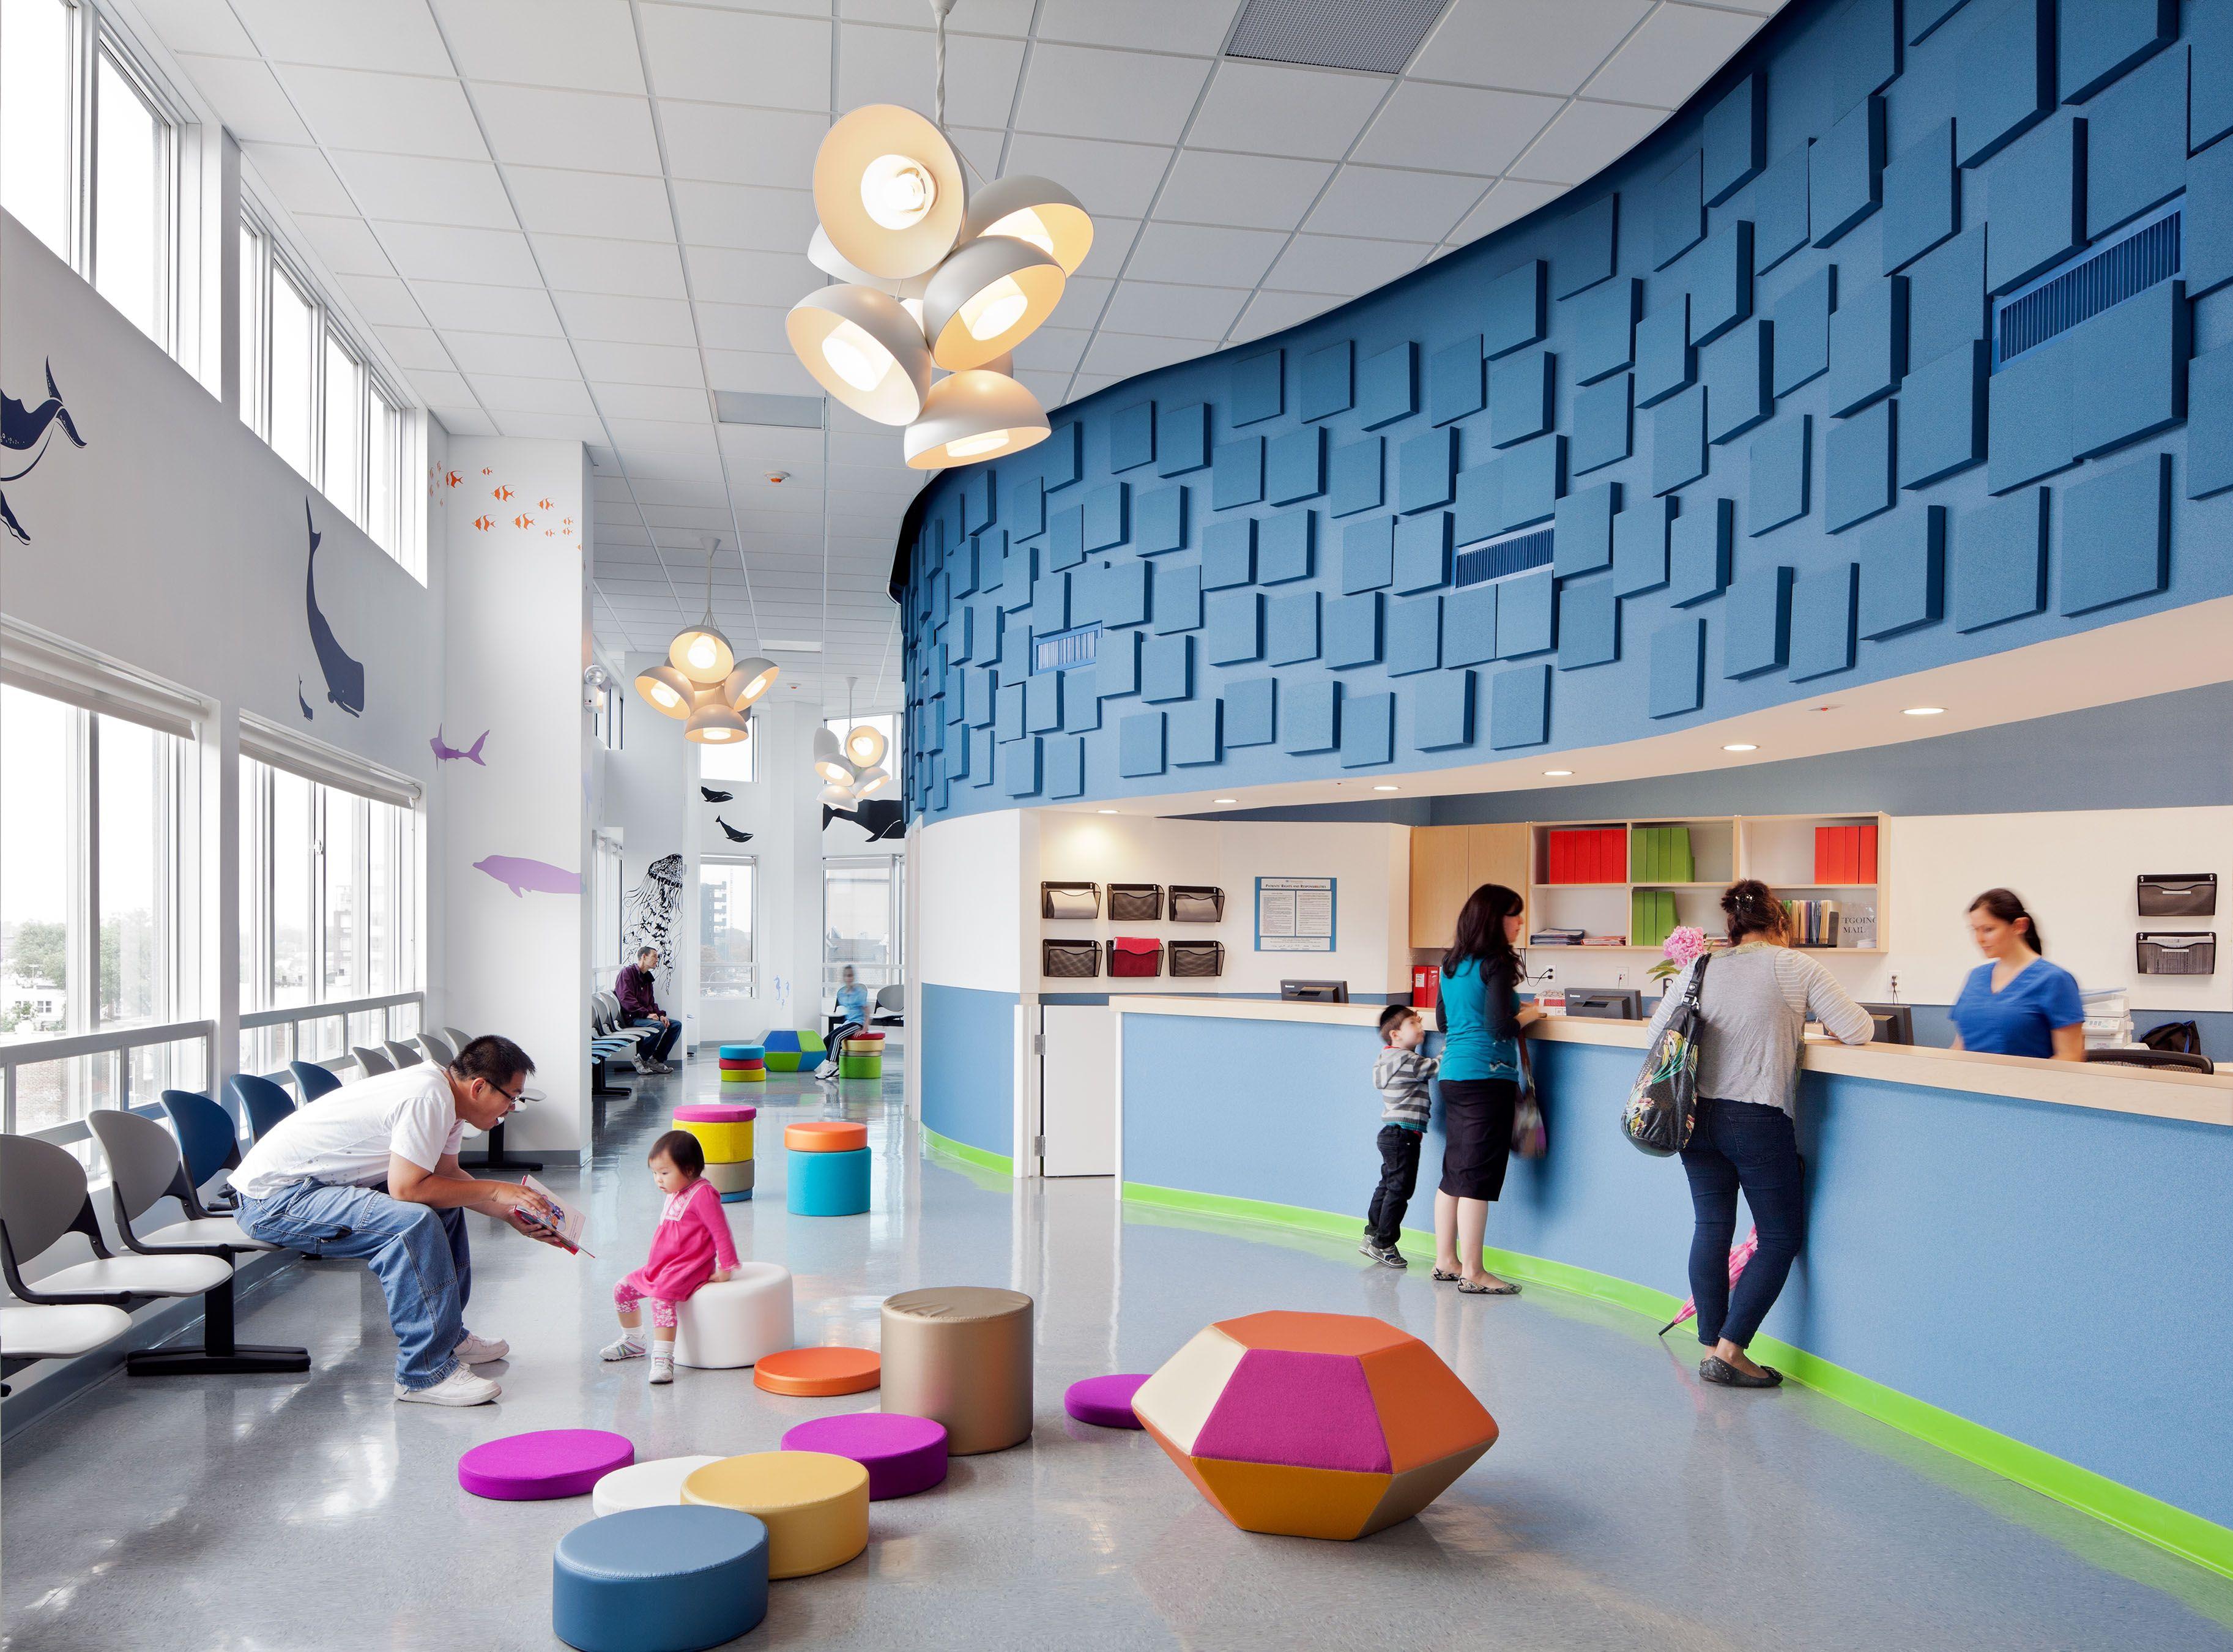 Maimonides Hospital Department Of Pediatrics In 2019